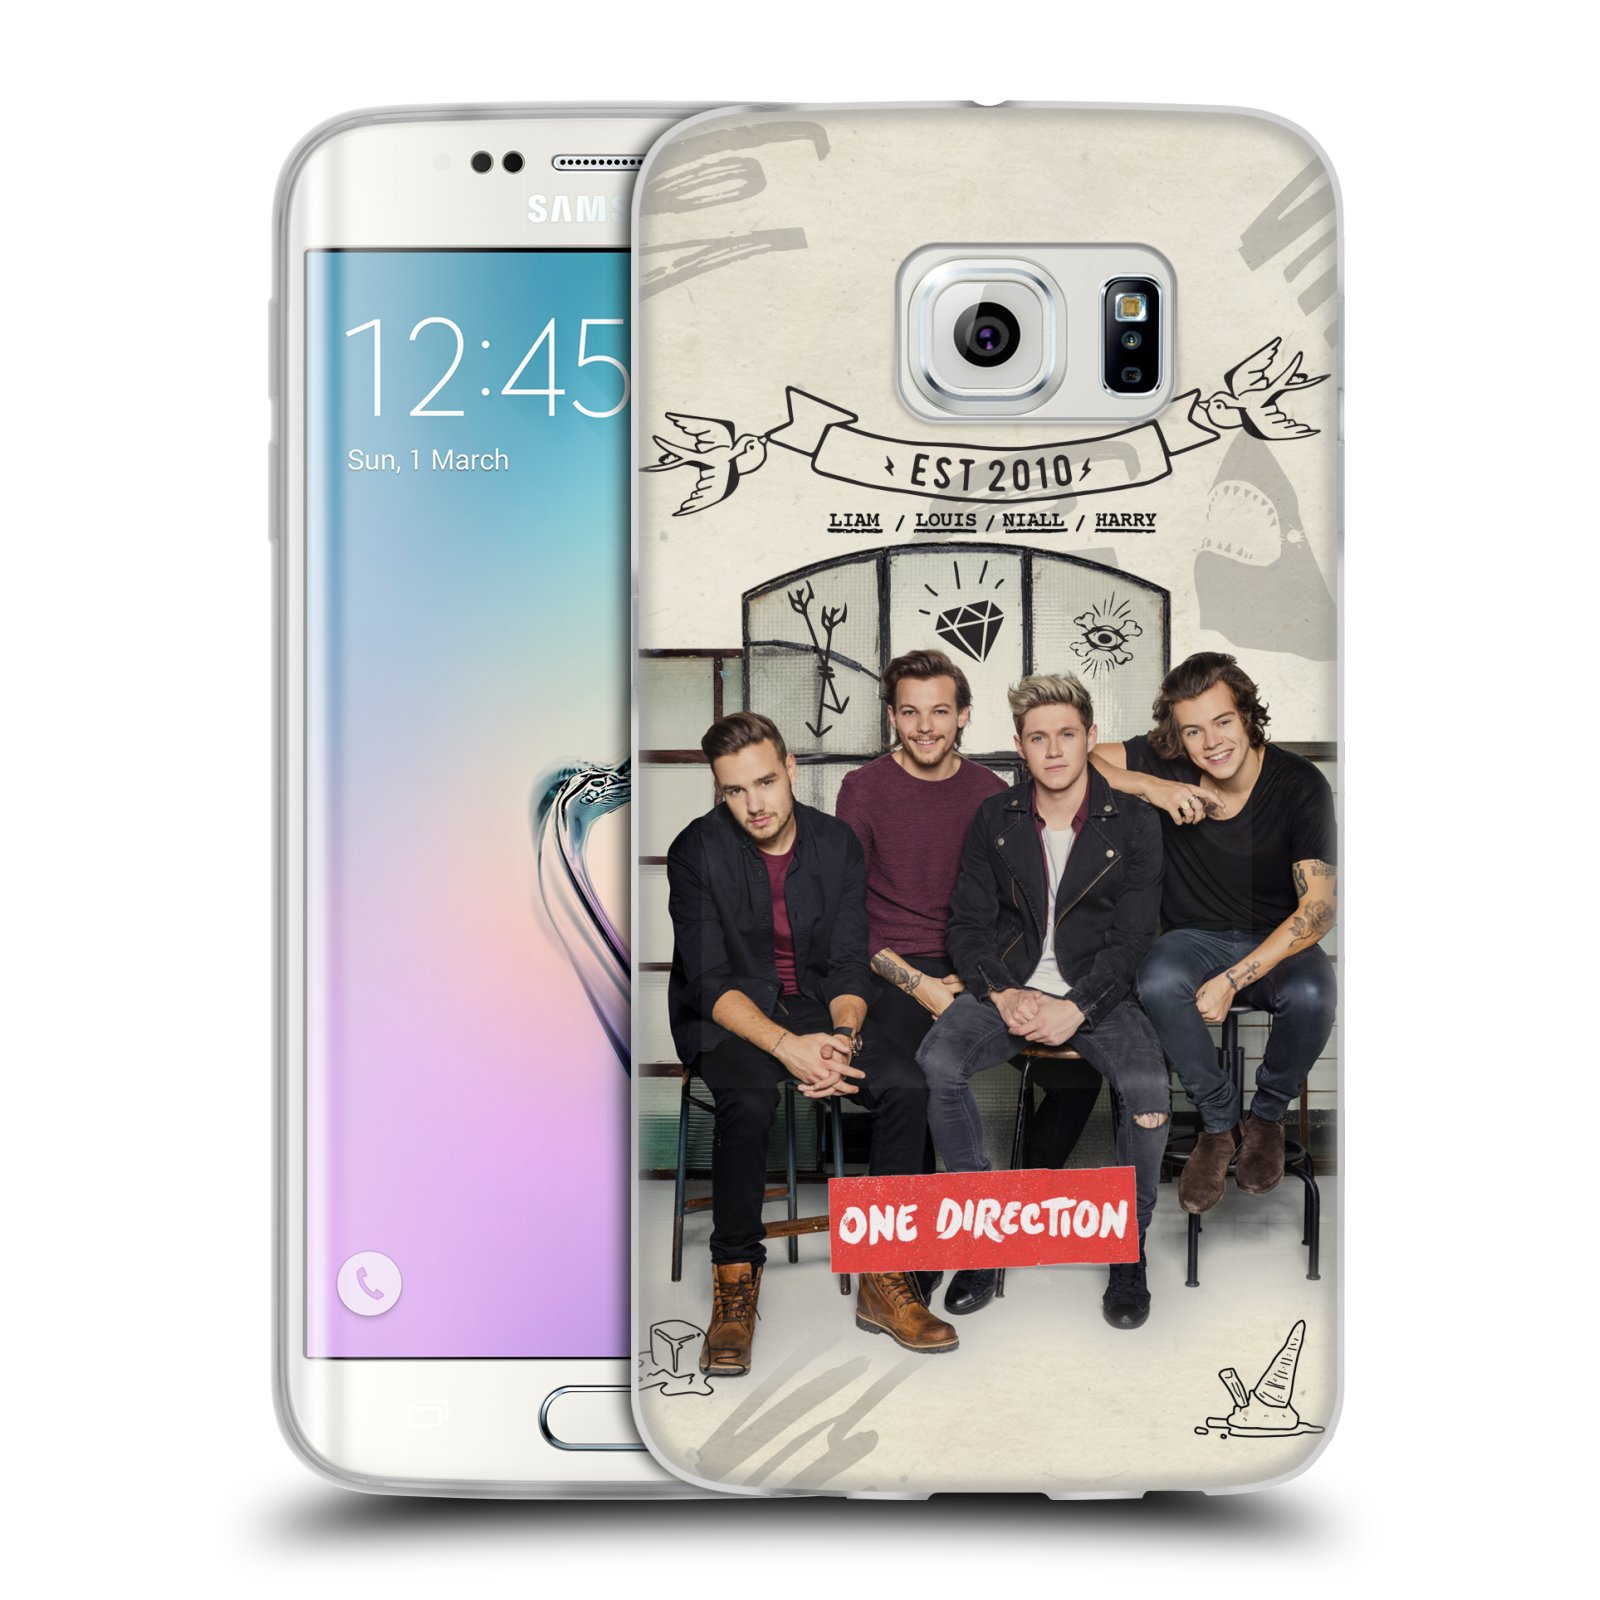 Silikonové pouzdro na mobil Samsung Galaxy S6 Edge HEAD CASE One Direction - EST 2010 (Silikonový kryt či obal One Direction Official na mobilní telefon Samsung Galaxy S6 Edge SM-G925F)